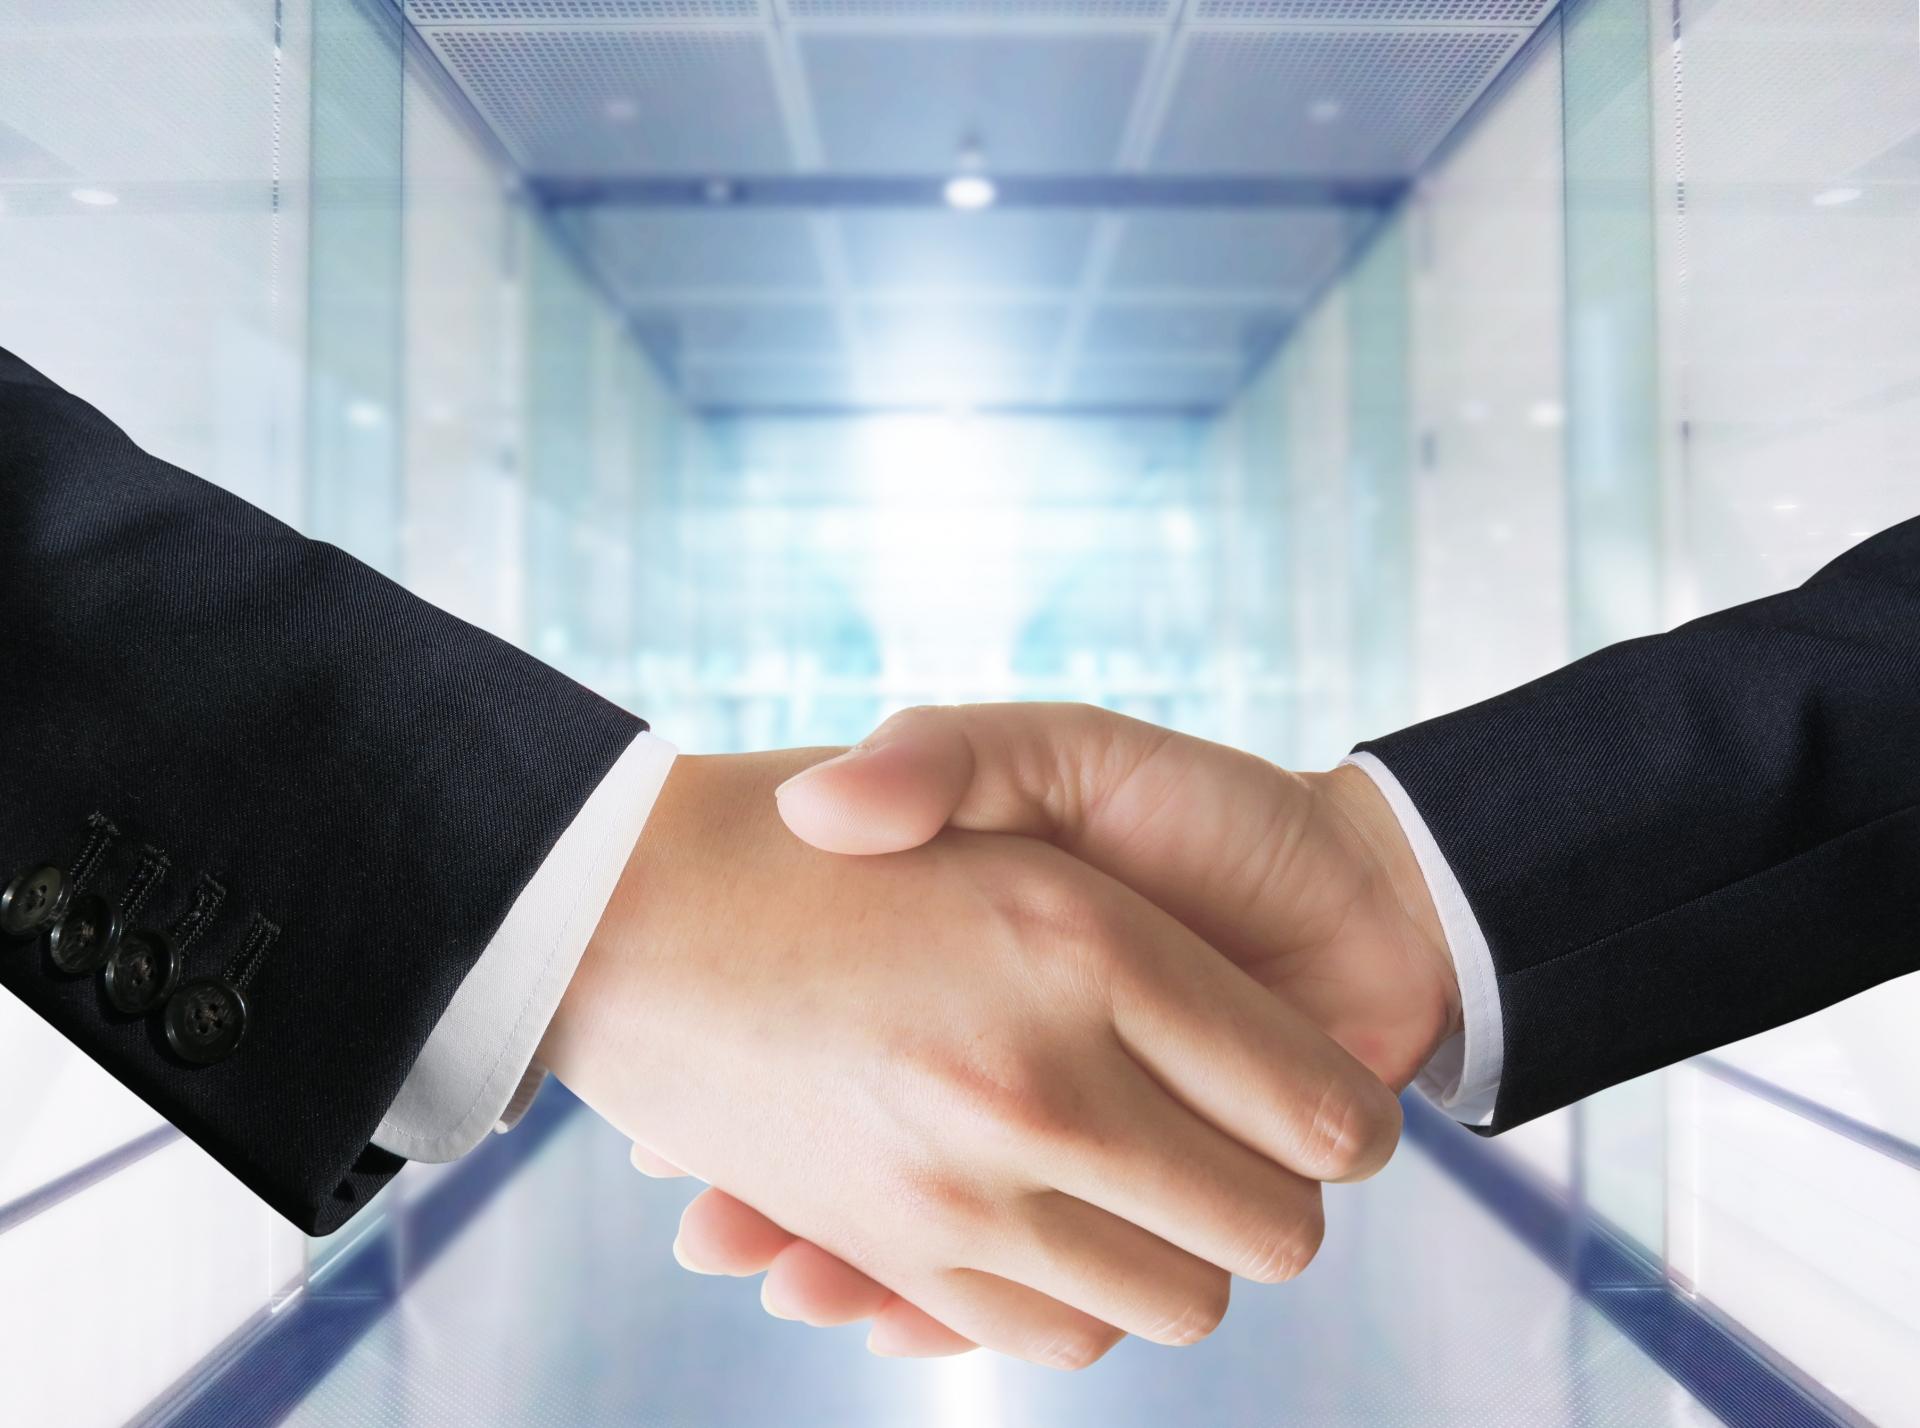 エンジニアこそ知っておくべき、IT ビジネスの商流と契約